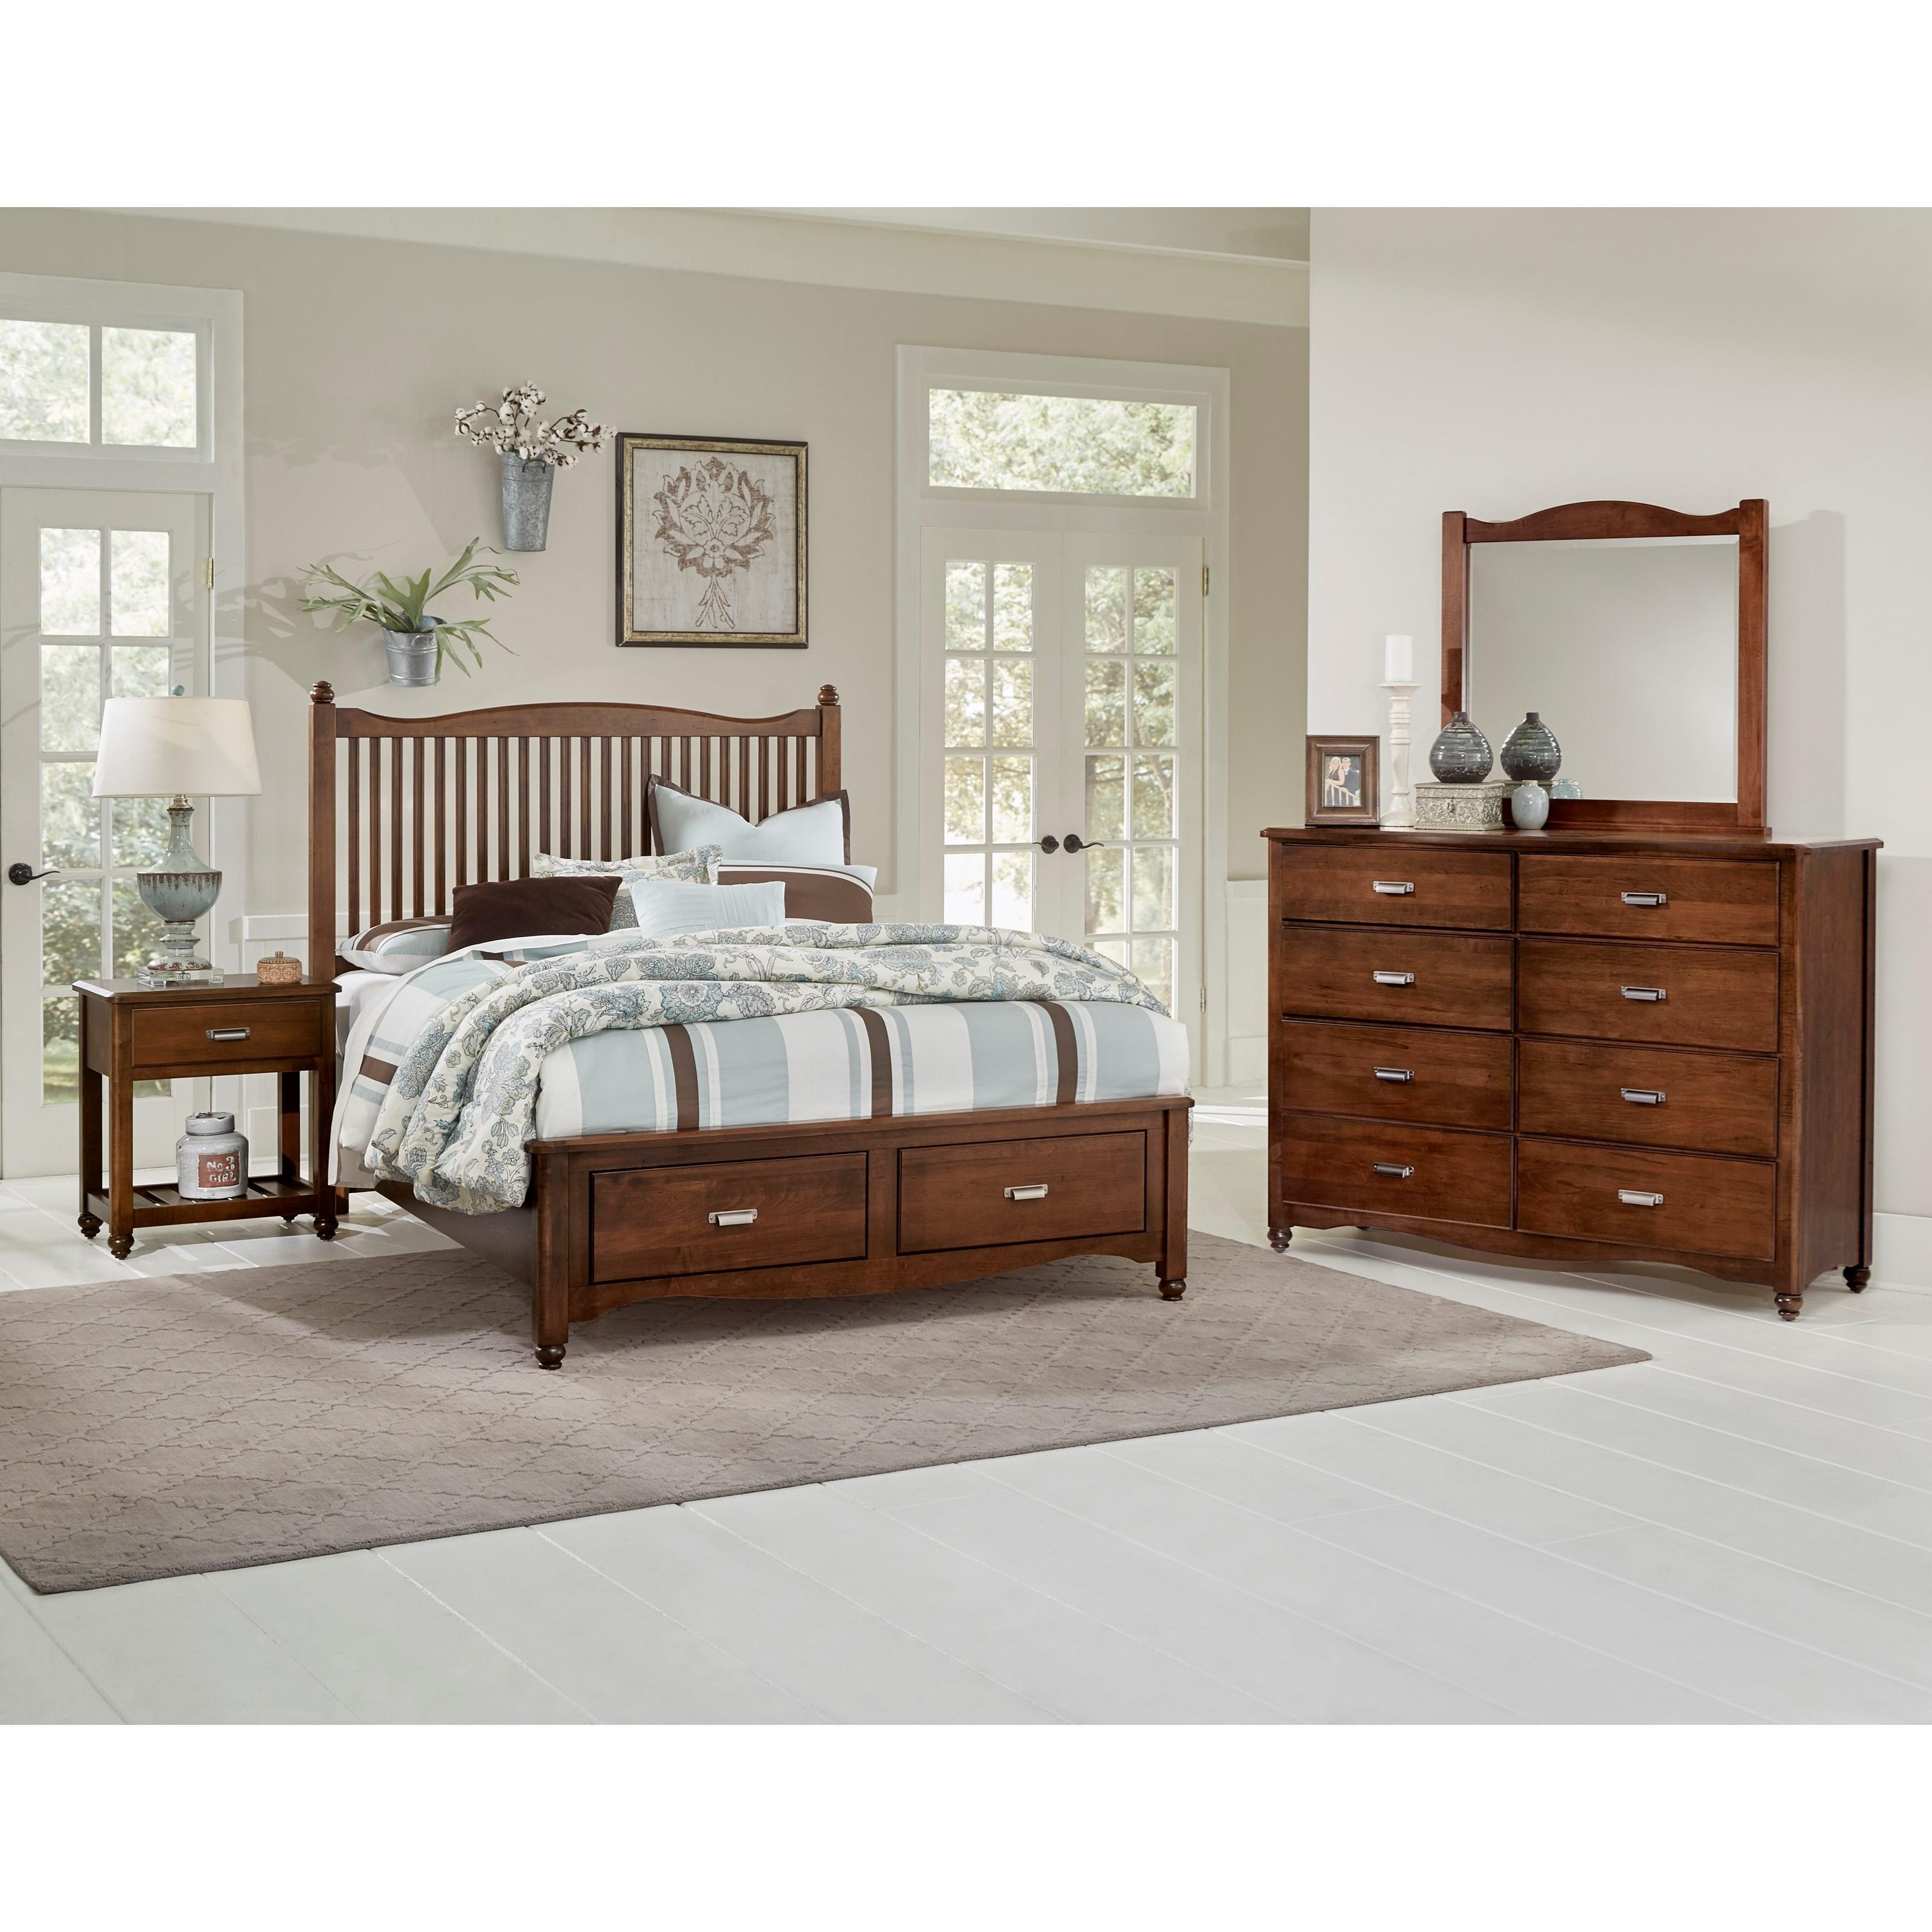 Vaughan Bassett American Maple King Bedroom Group - Item Number: 400 K Bedroom Group 3